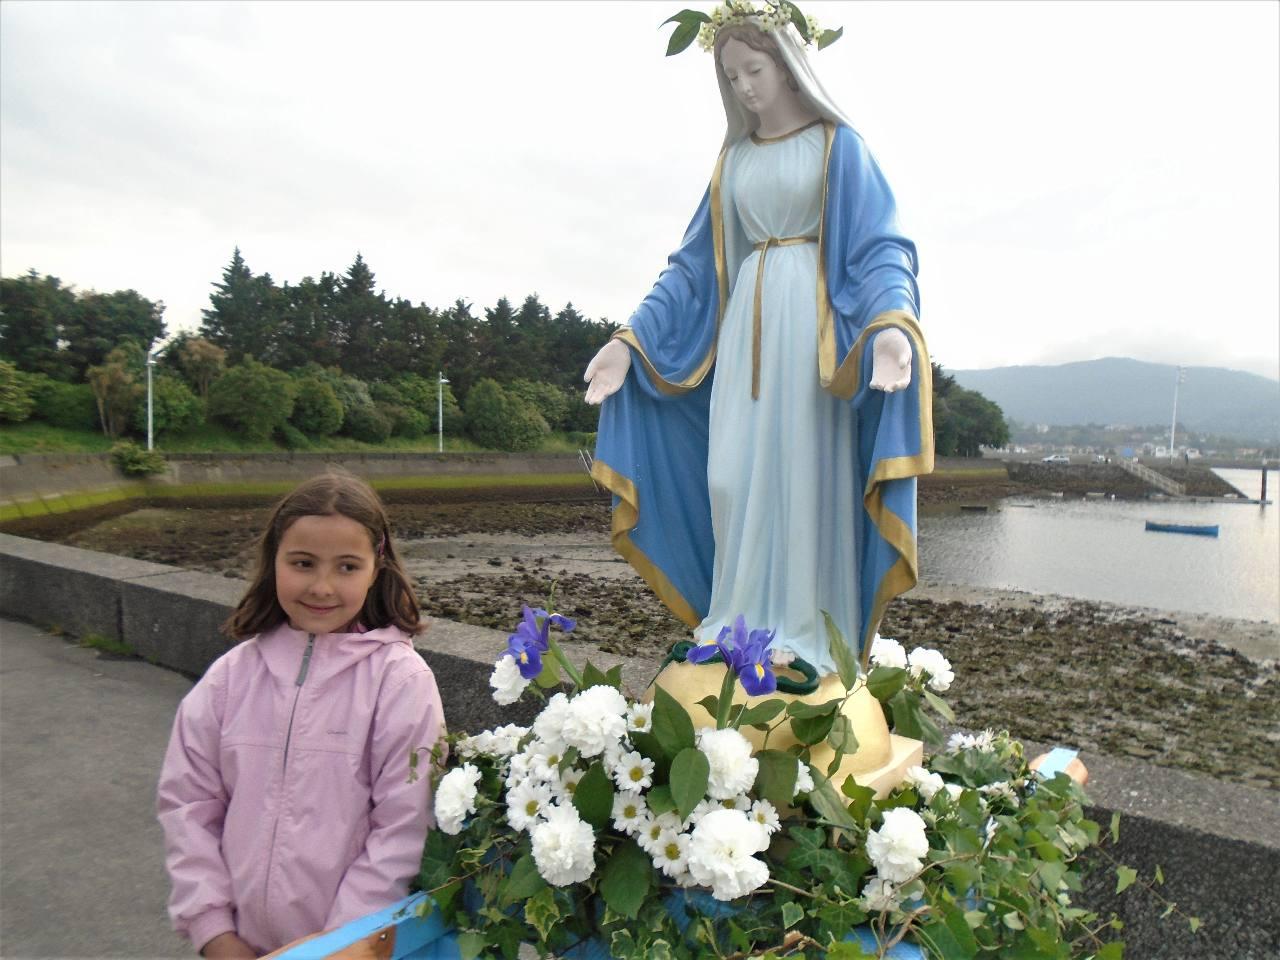 ... dont Elaia qui etait restée un peu en retrait mais la belle statue de Marie a réussie à permettre la photo